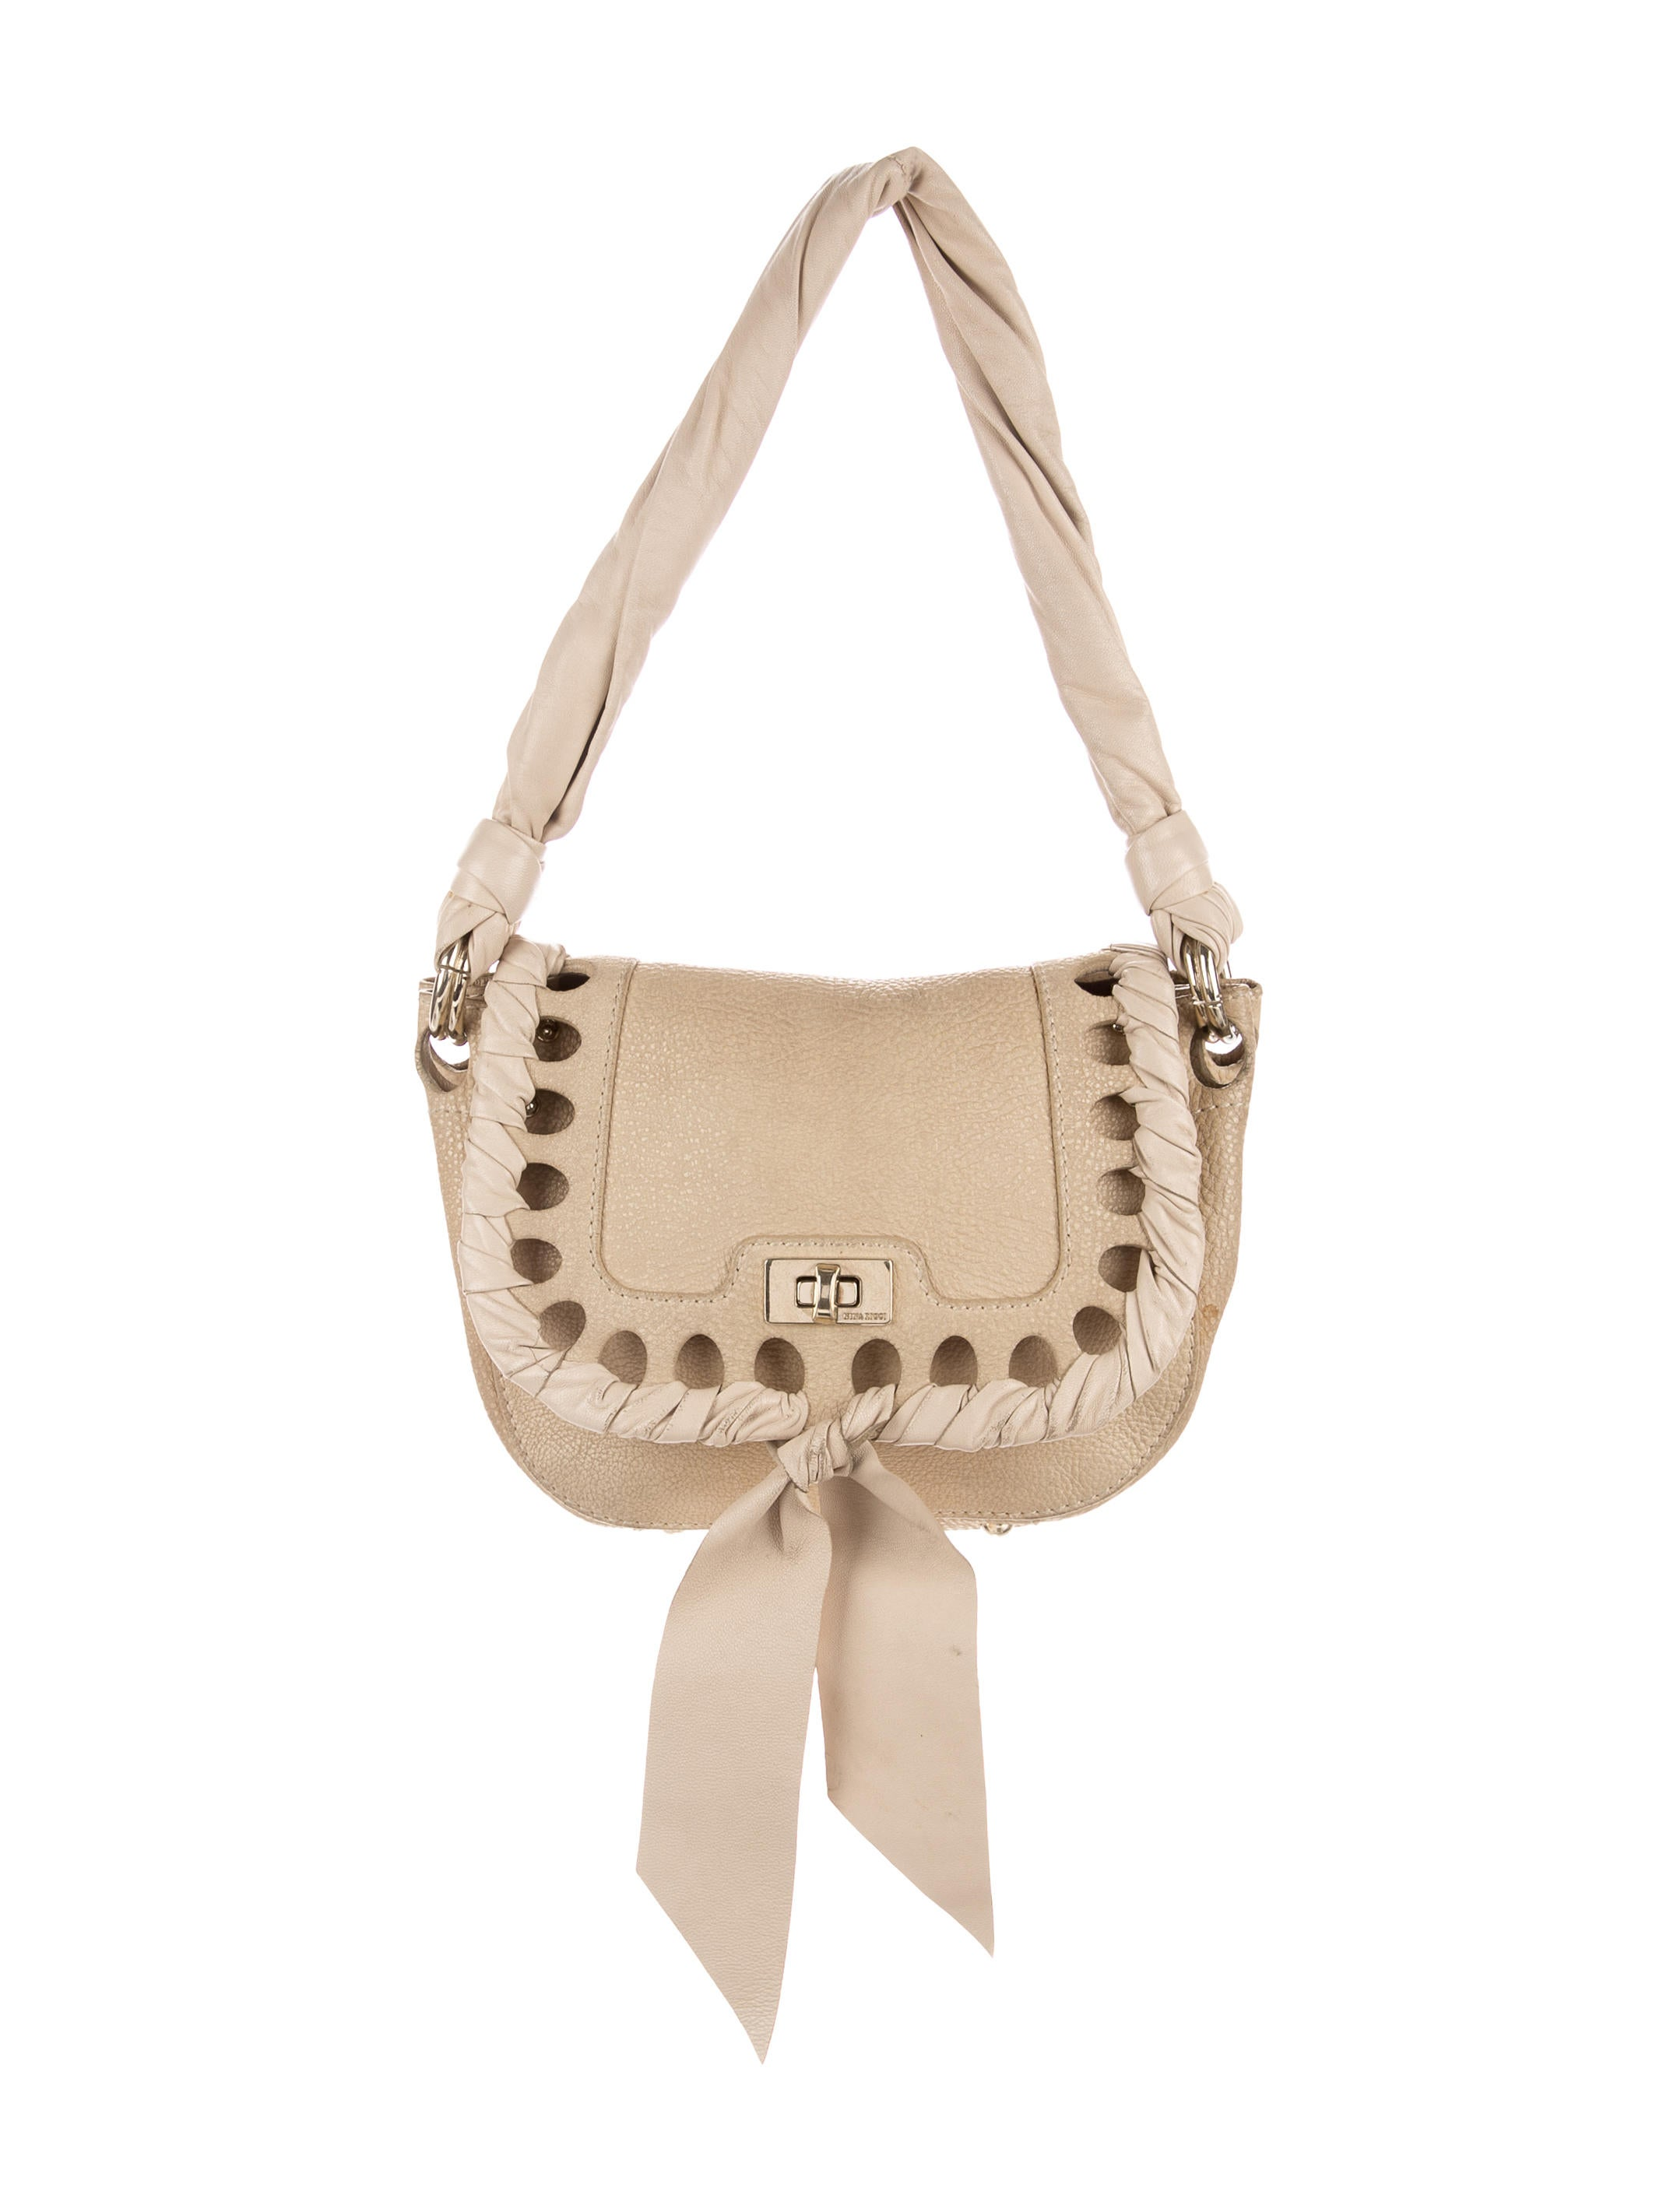 1b841c375f Leather Bag Nina Ricci Shoulder Nina Leather Ricci dF8qx6nd-straits ...